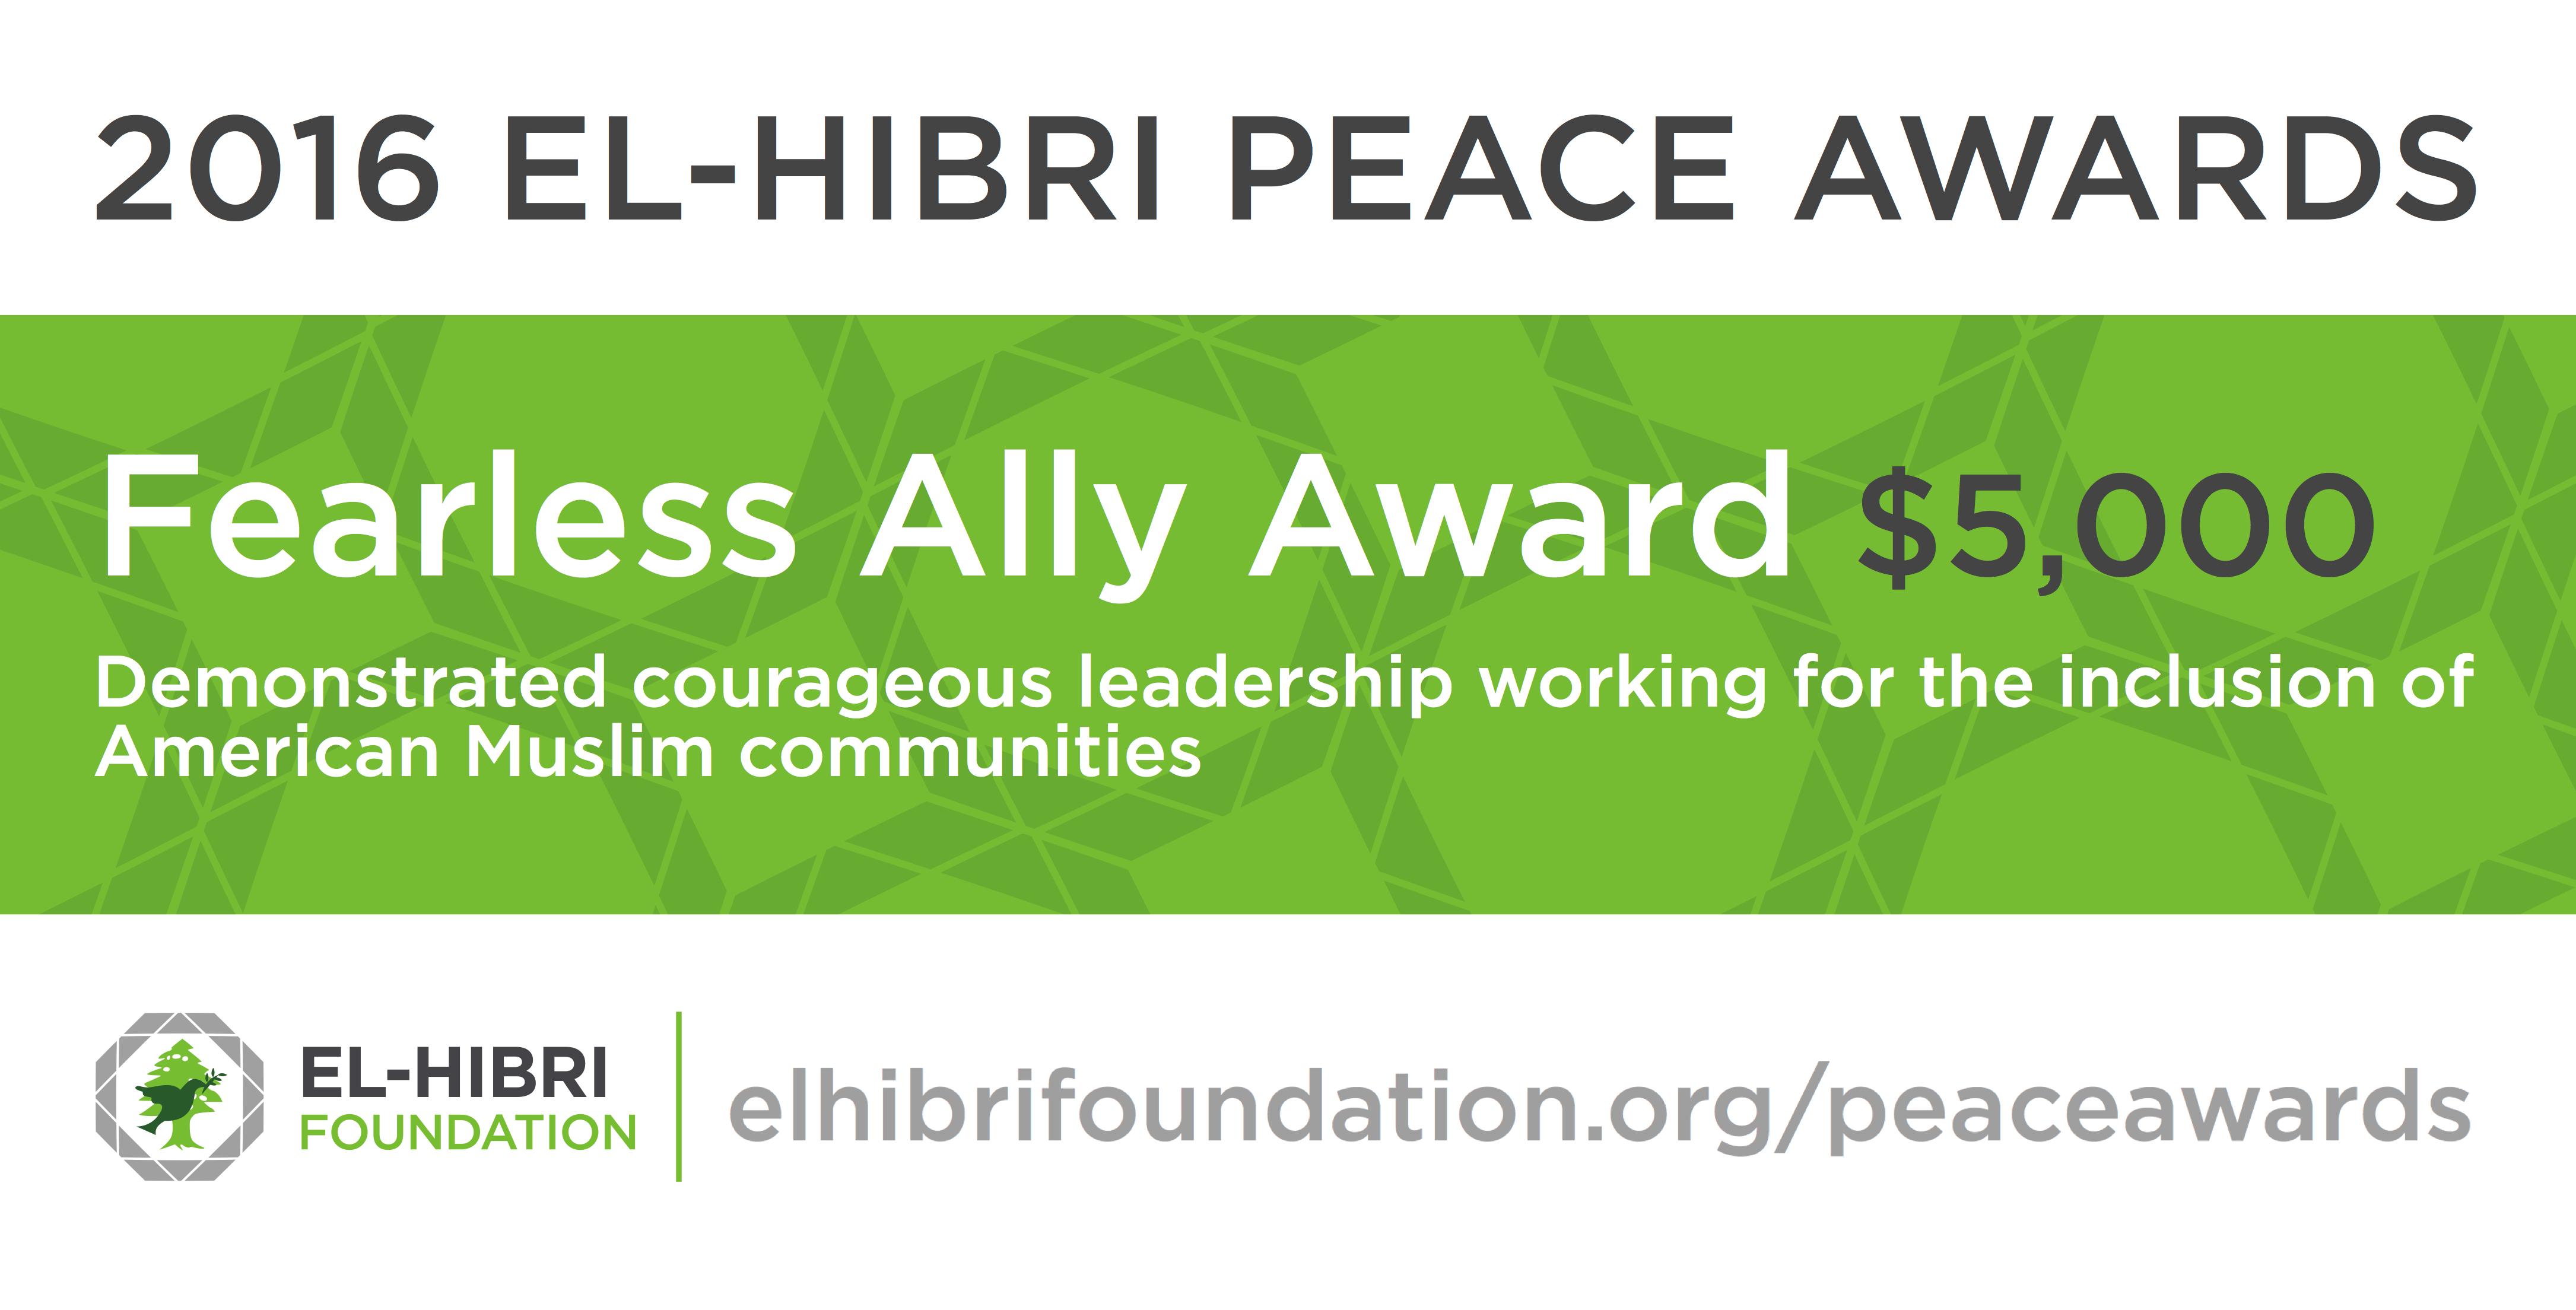 El-Hibri Foundation - Fearless Ally Award